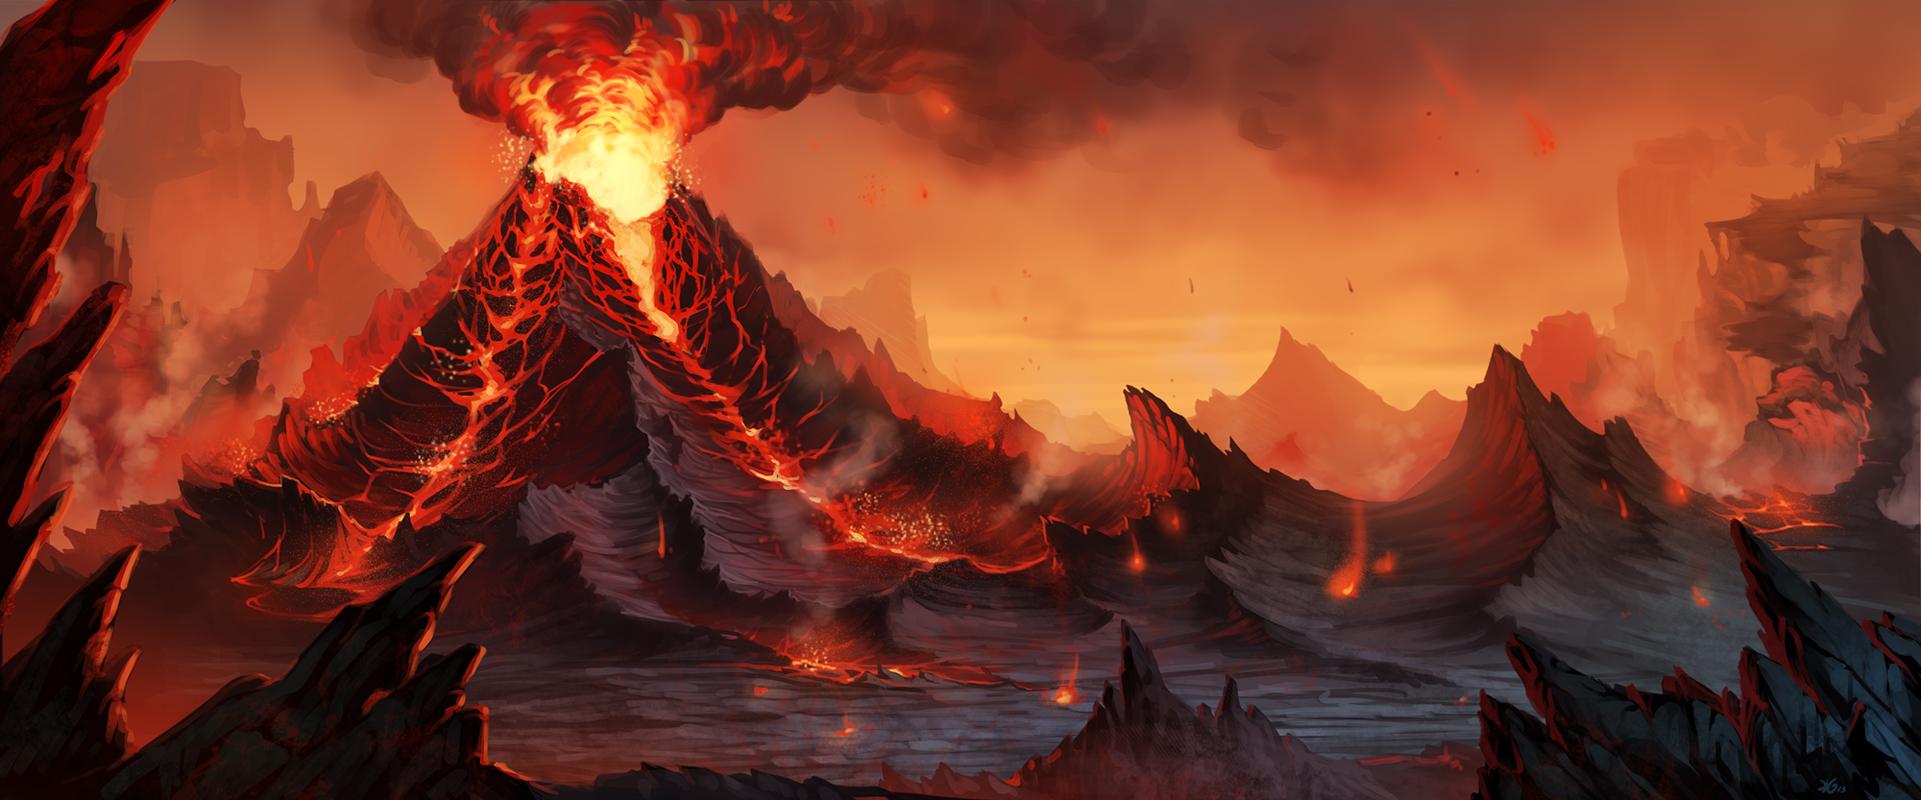 vulcan art